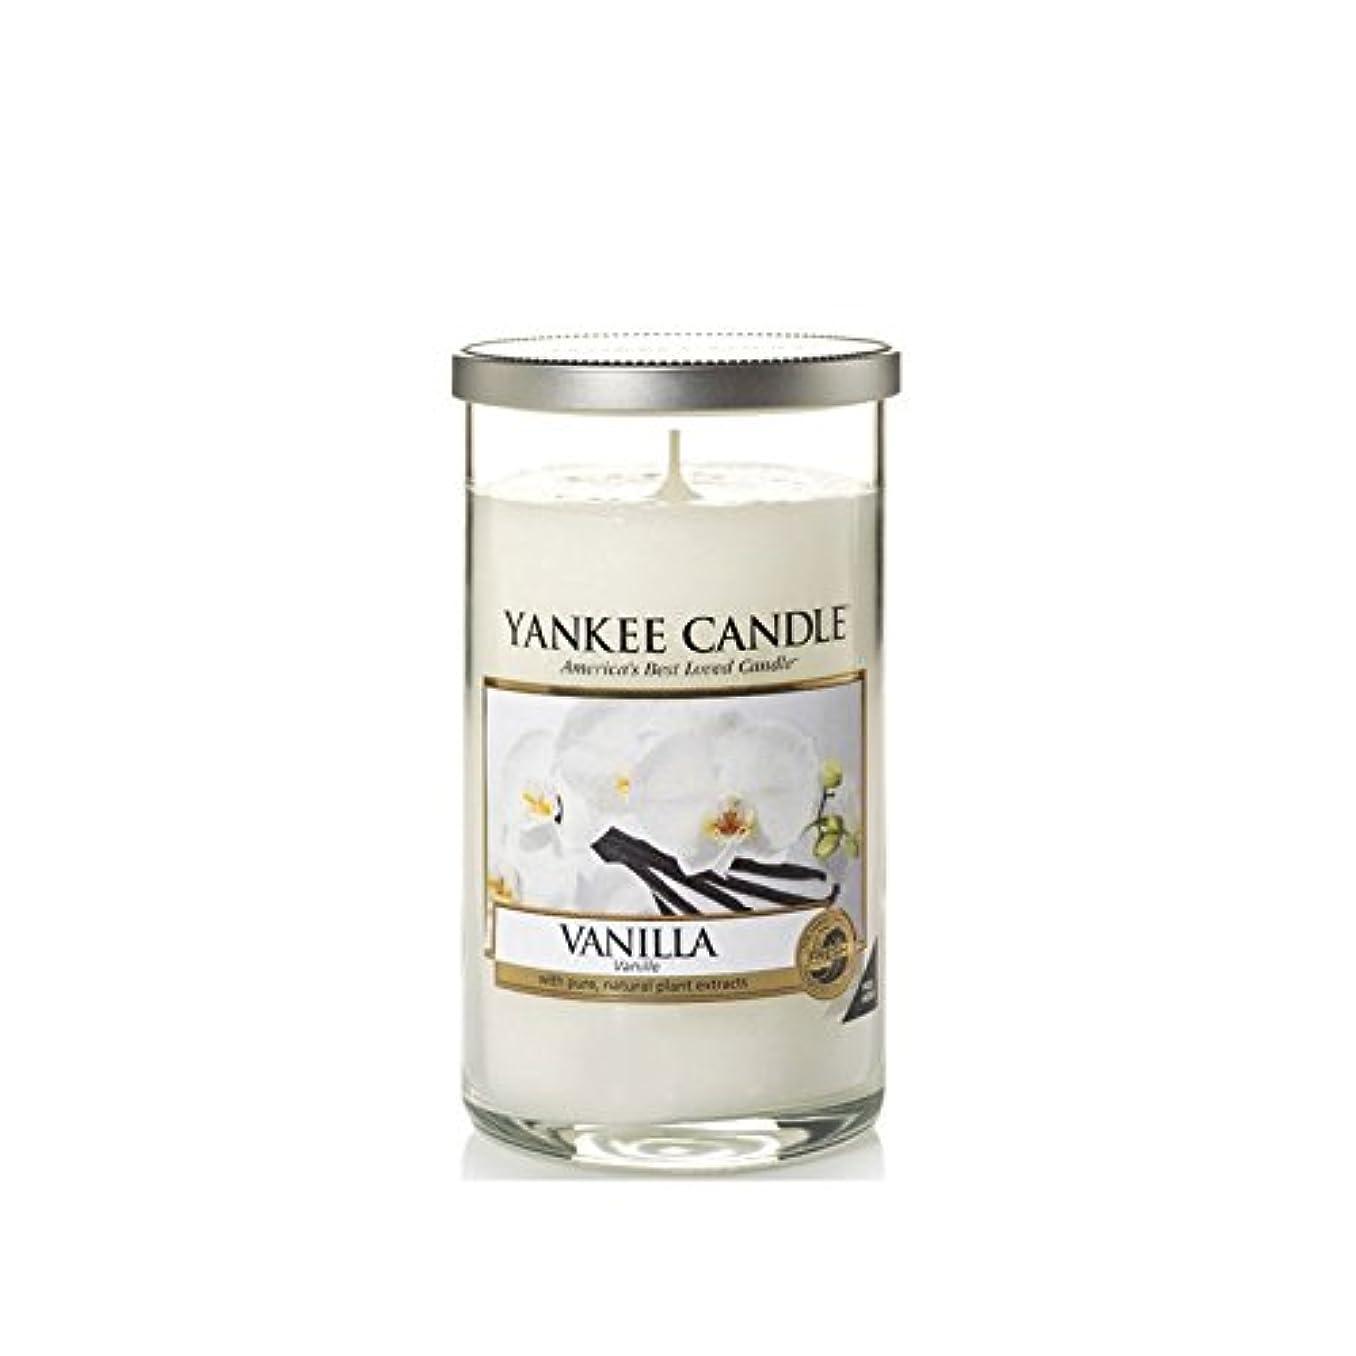 シティ細菌無臭Yankee Candles Medium Pillar Candle - Vanilla (Pack of 6) - ヤンキーキャンドルメディアピラーキャンドル - バニラ (x6) [並行輸入品]